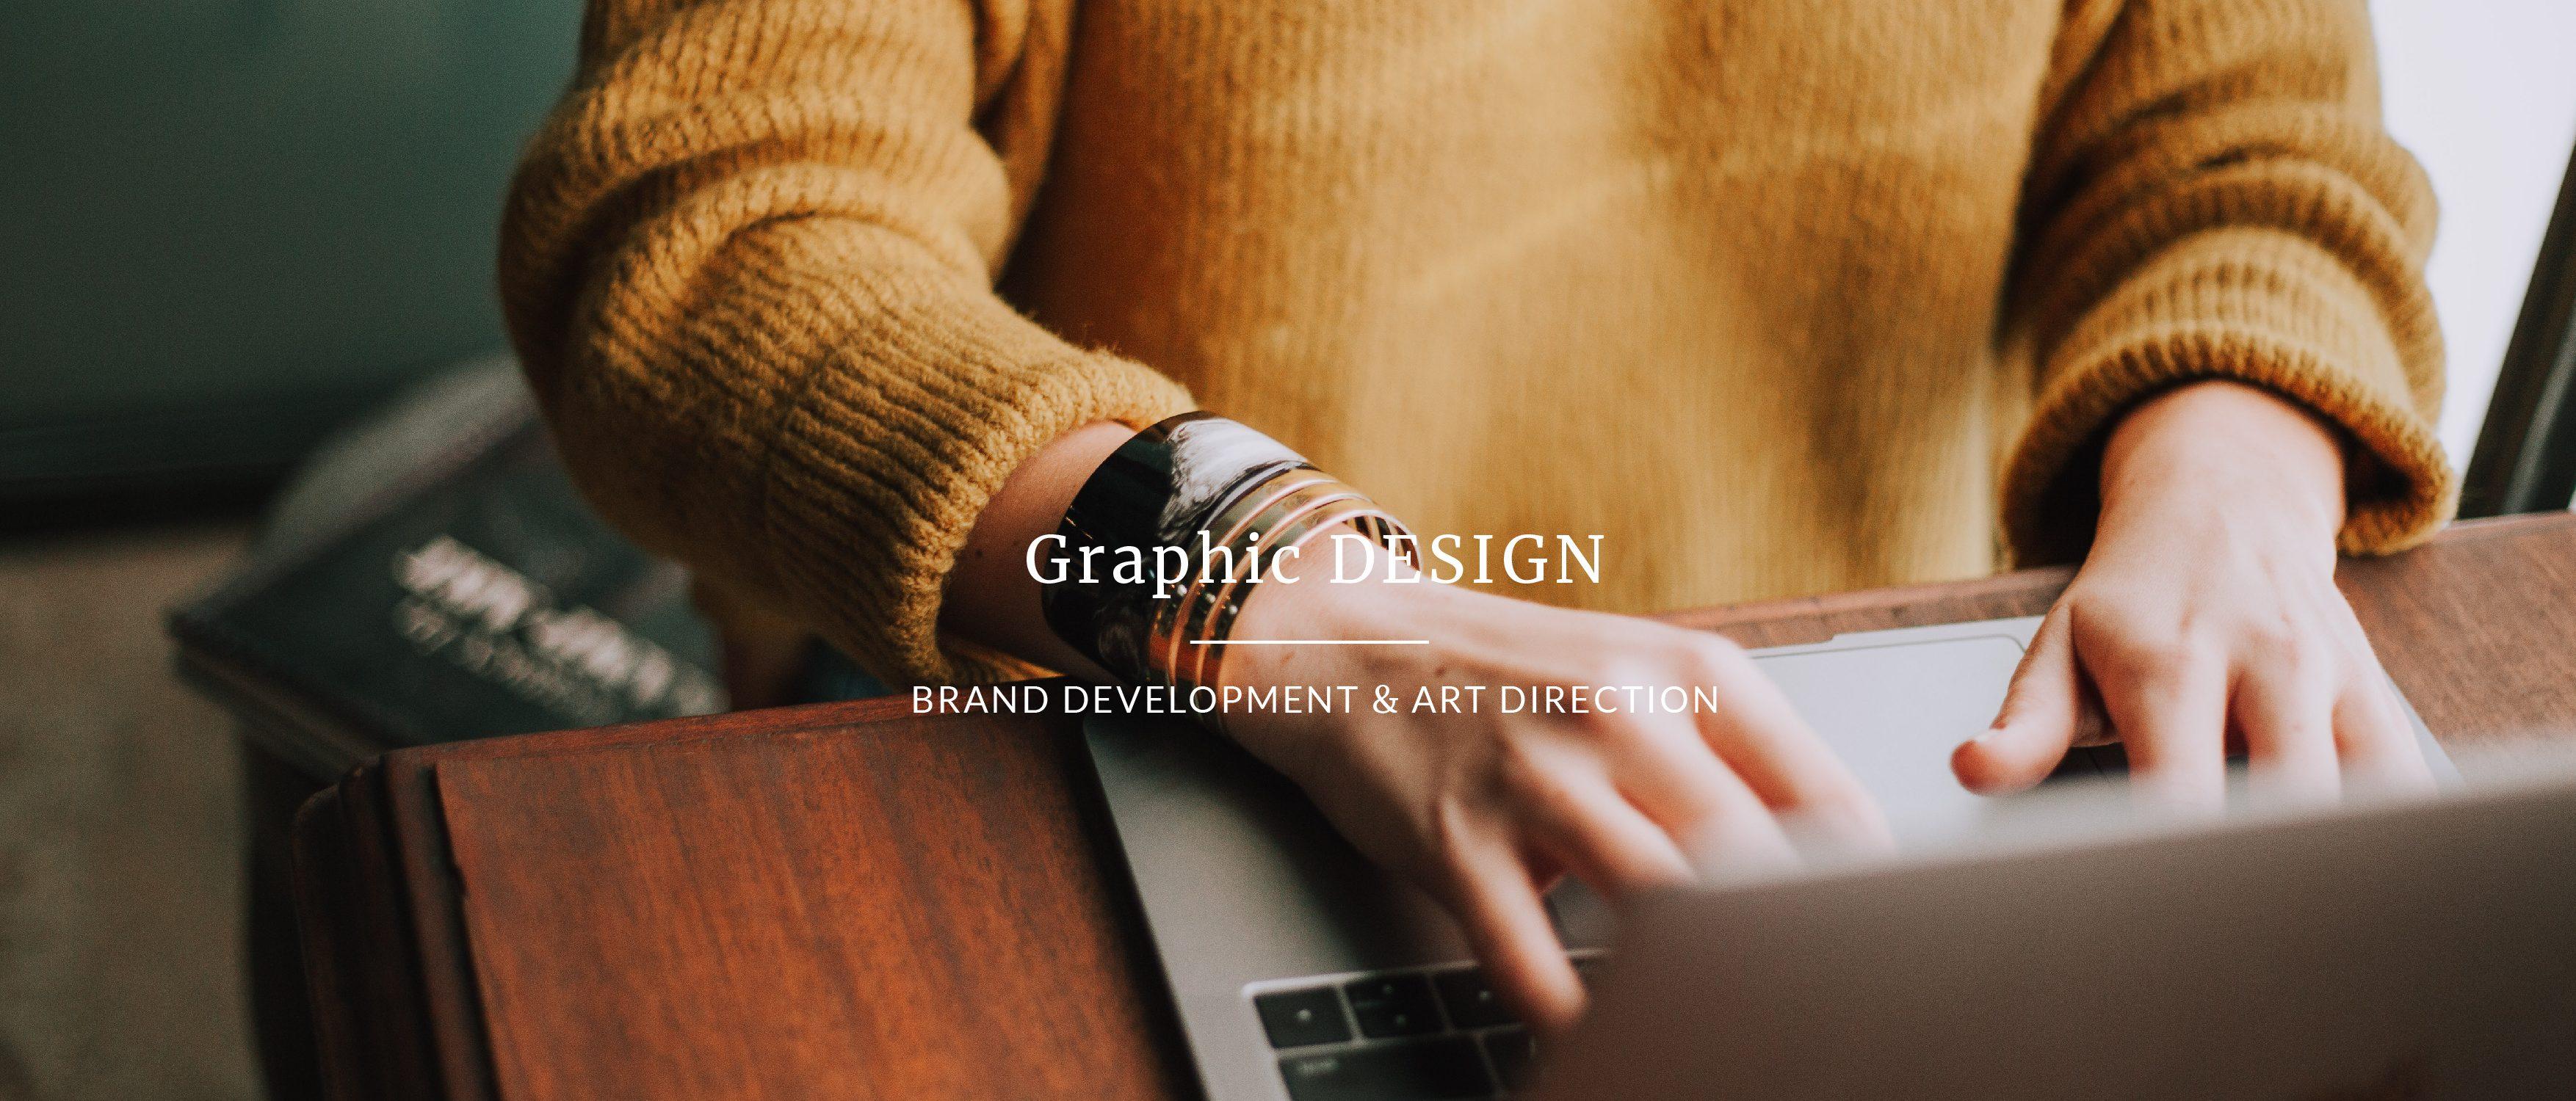 Graphic Design-01